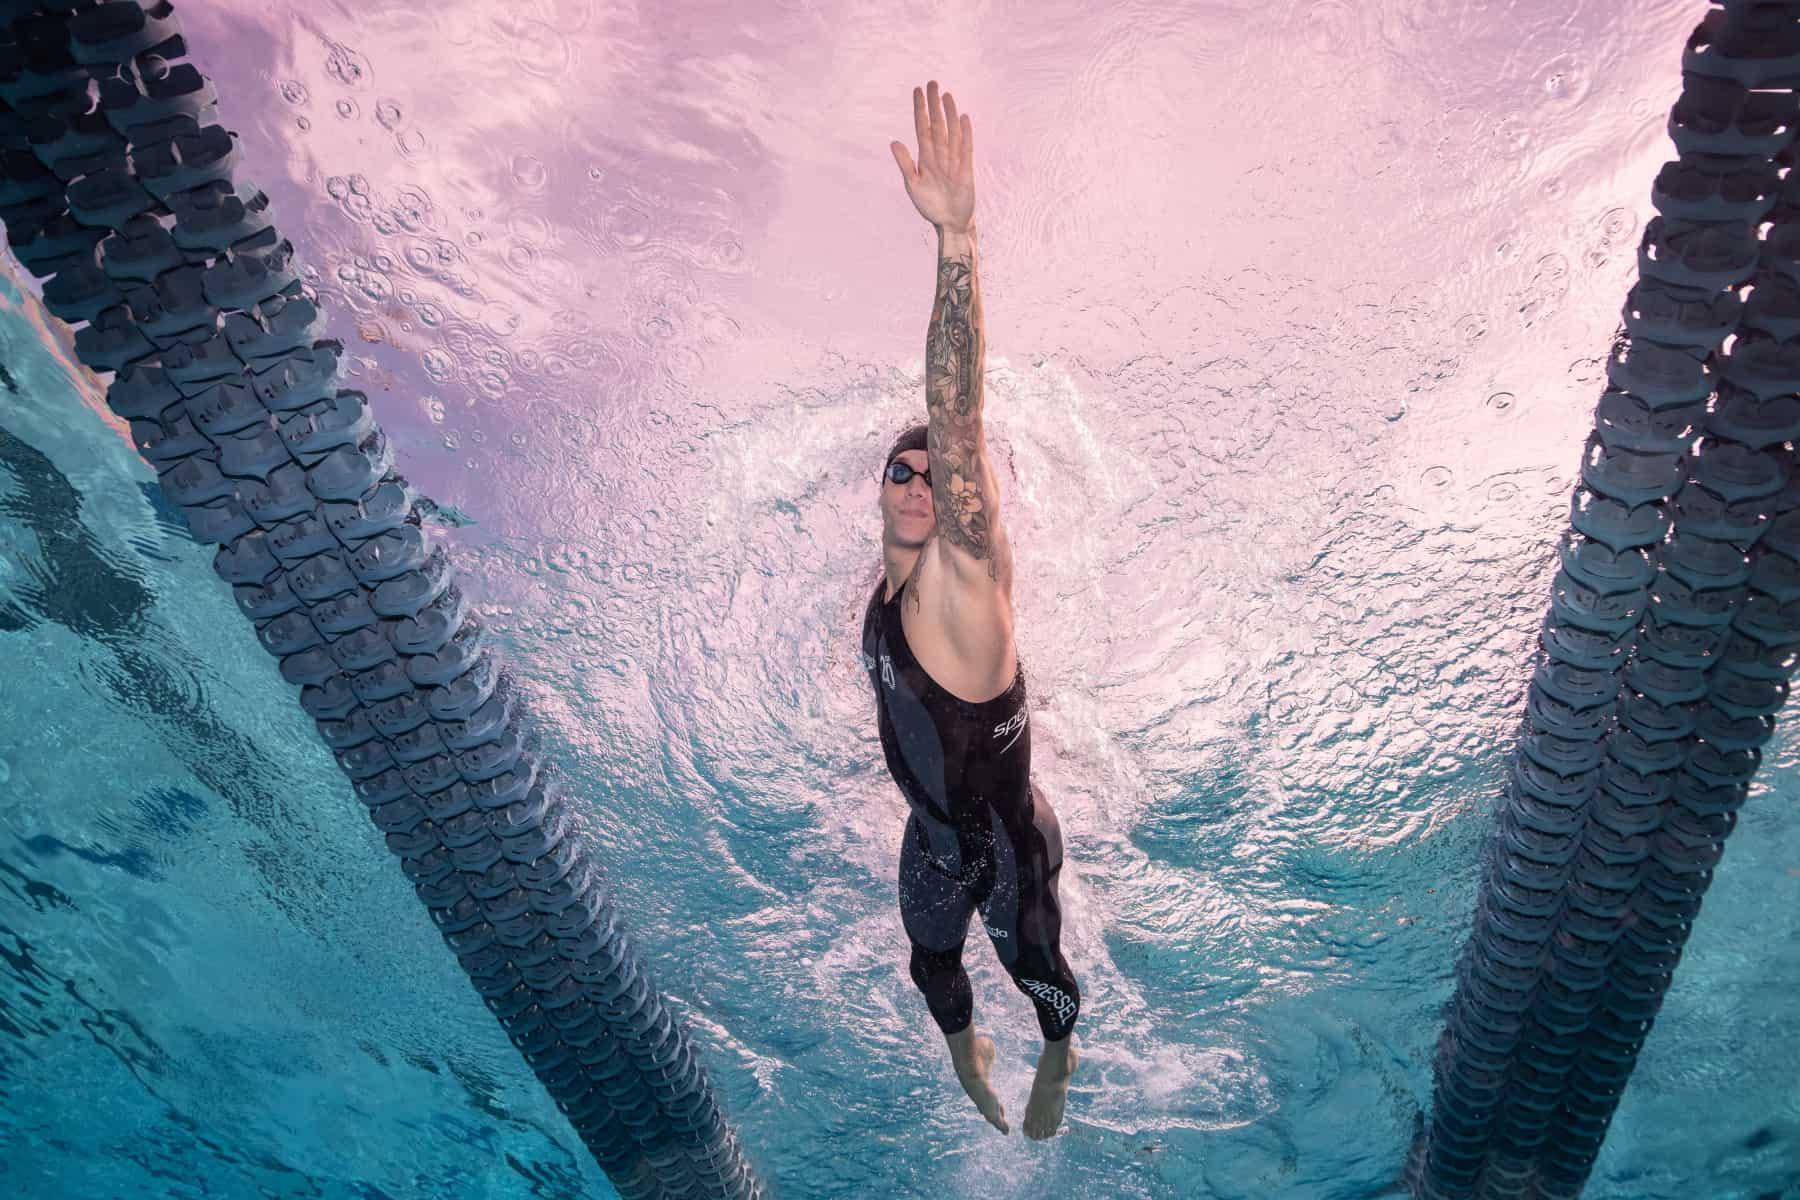 Wuderschwimmer im Wunderanzug: In Kalifornien sprintet Caeleb Dressel 50 Meter im Alleingang gegen die Uhr. Foto: Mike Lewis